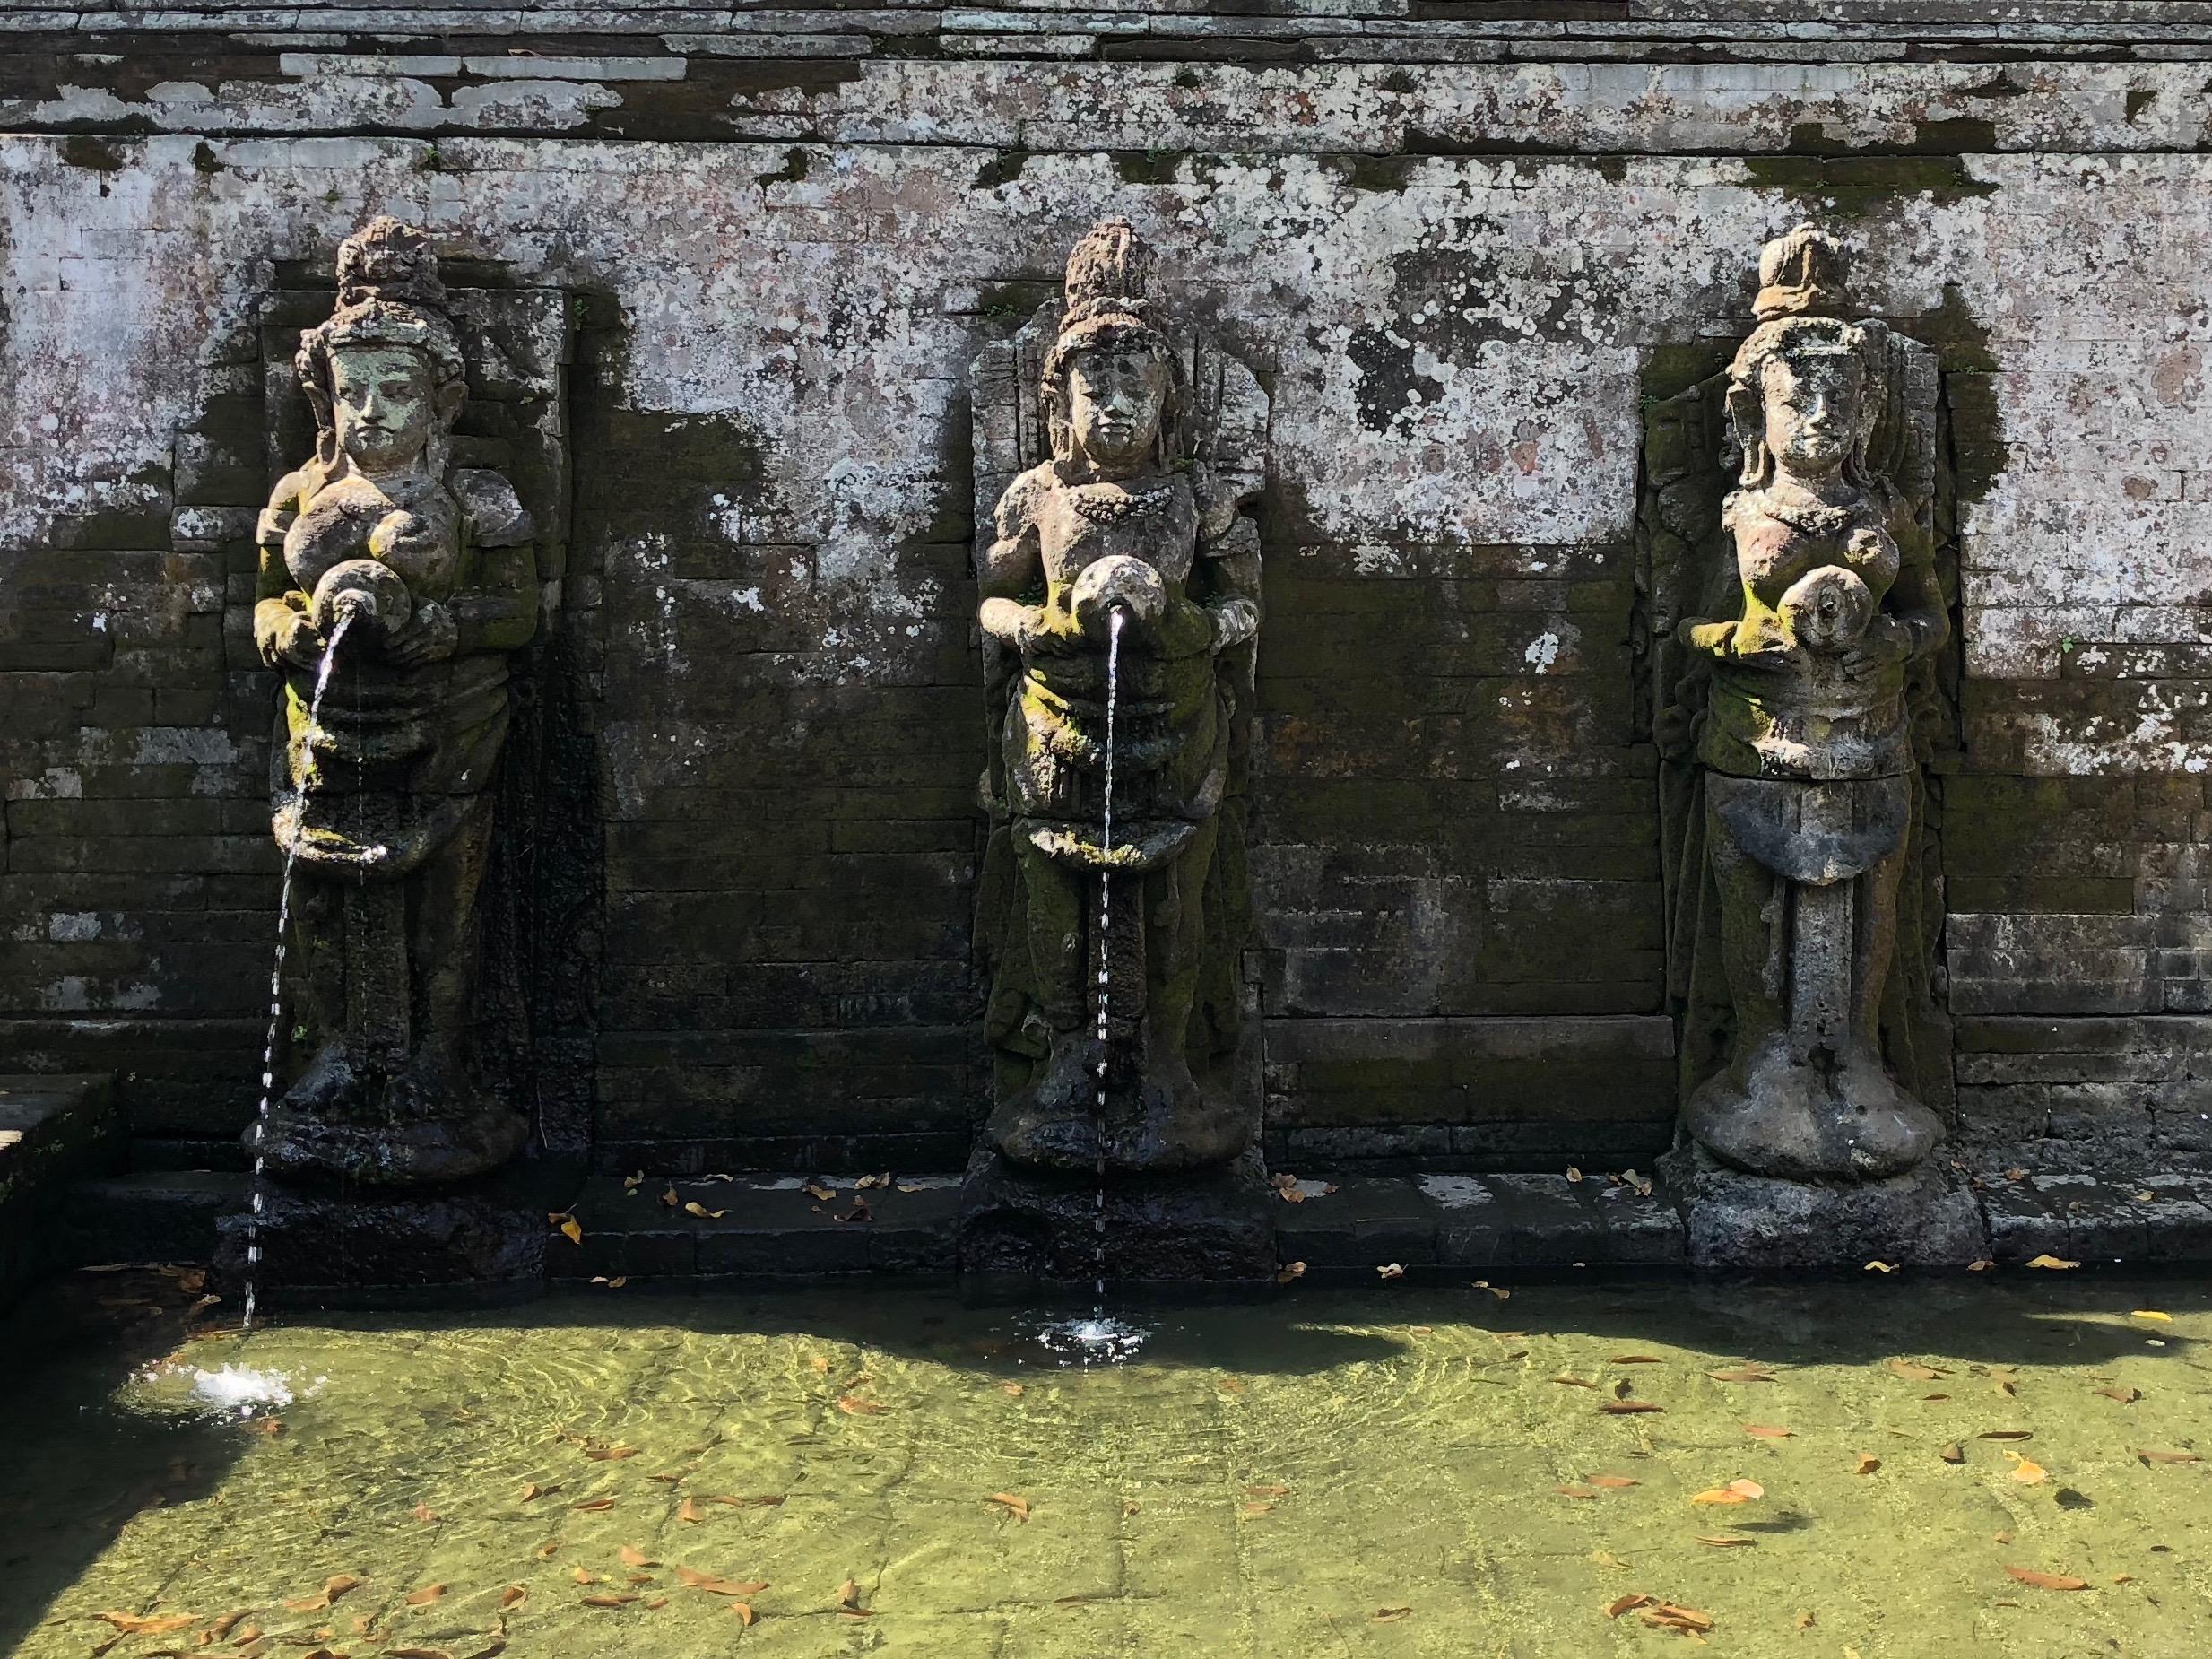 Female Hindu spirits form the fountains